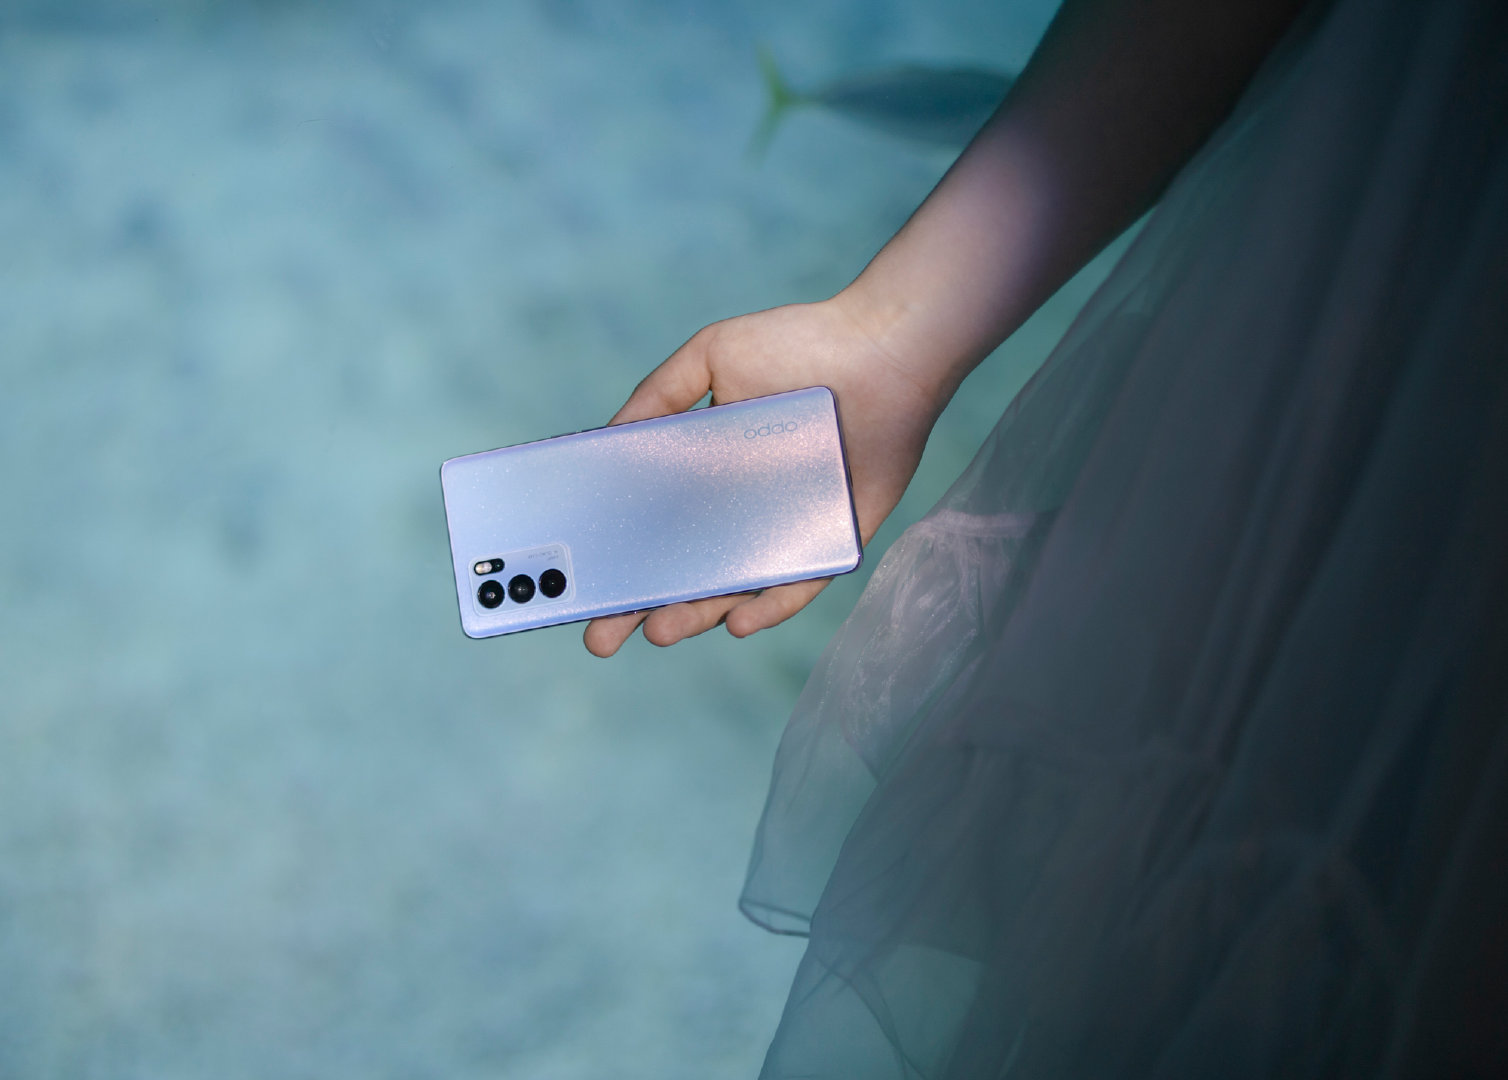 9月新鲜事盘点:iPhone 13太抢手,国产爆款手机迎来二次进化